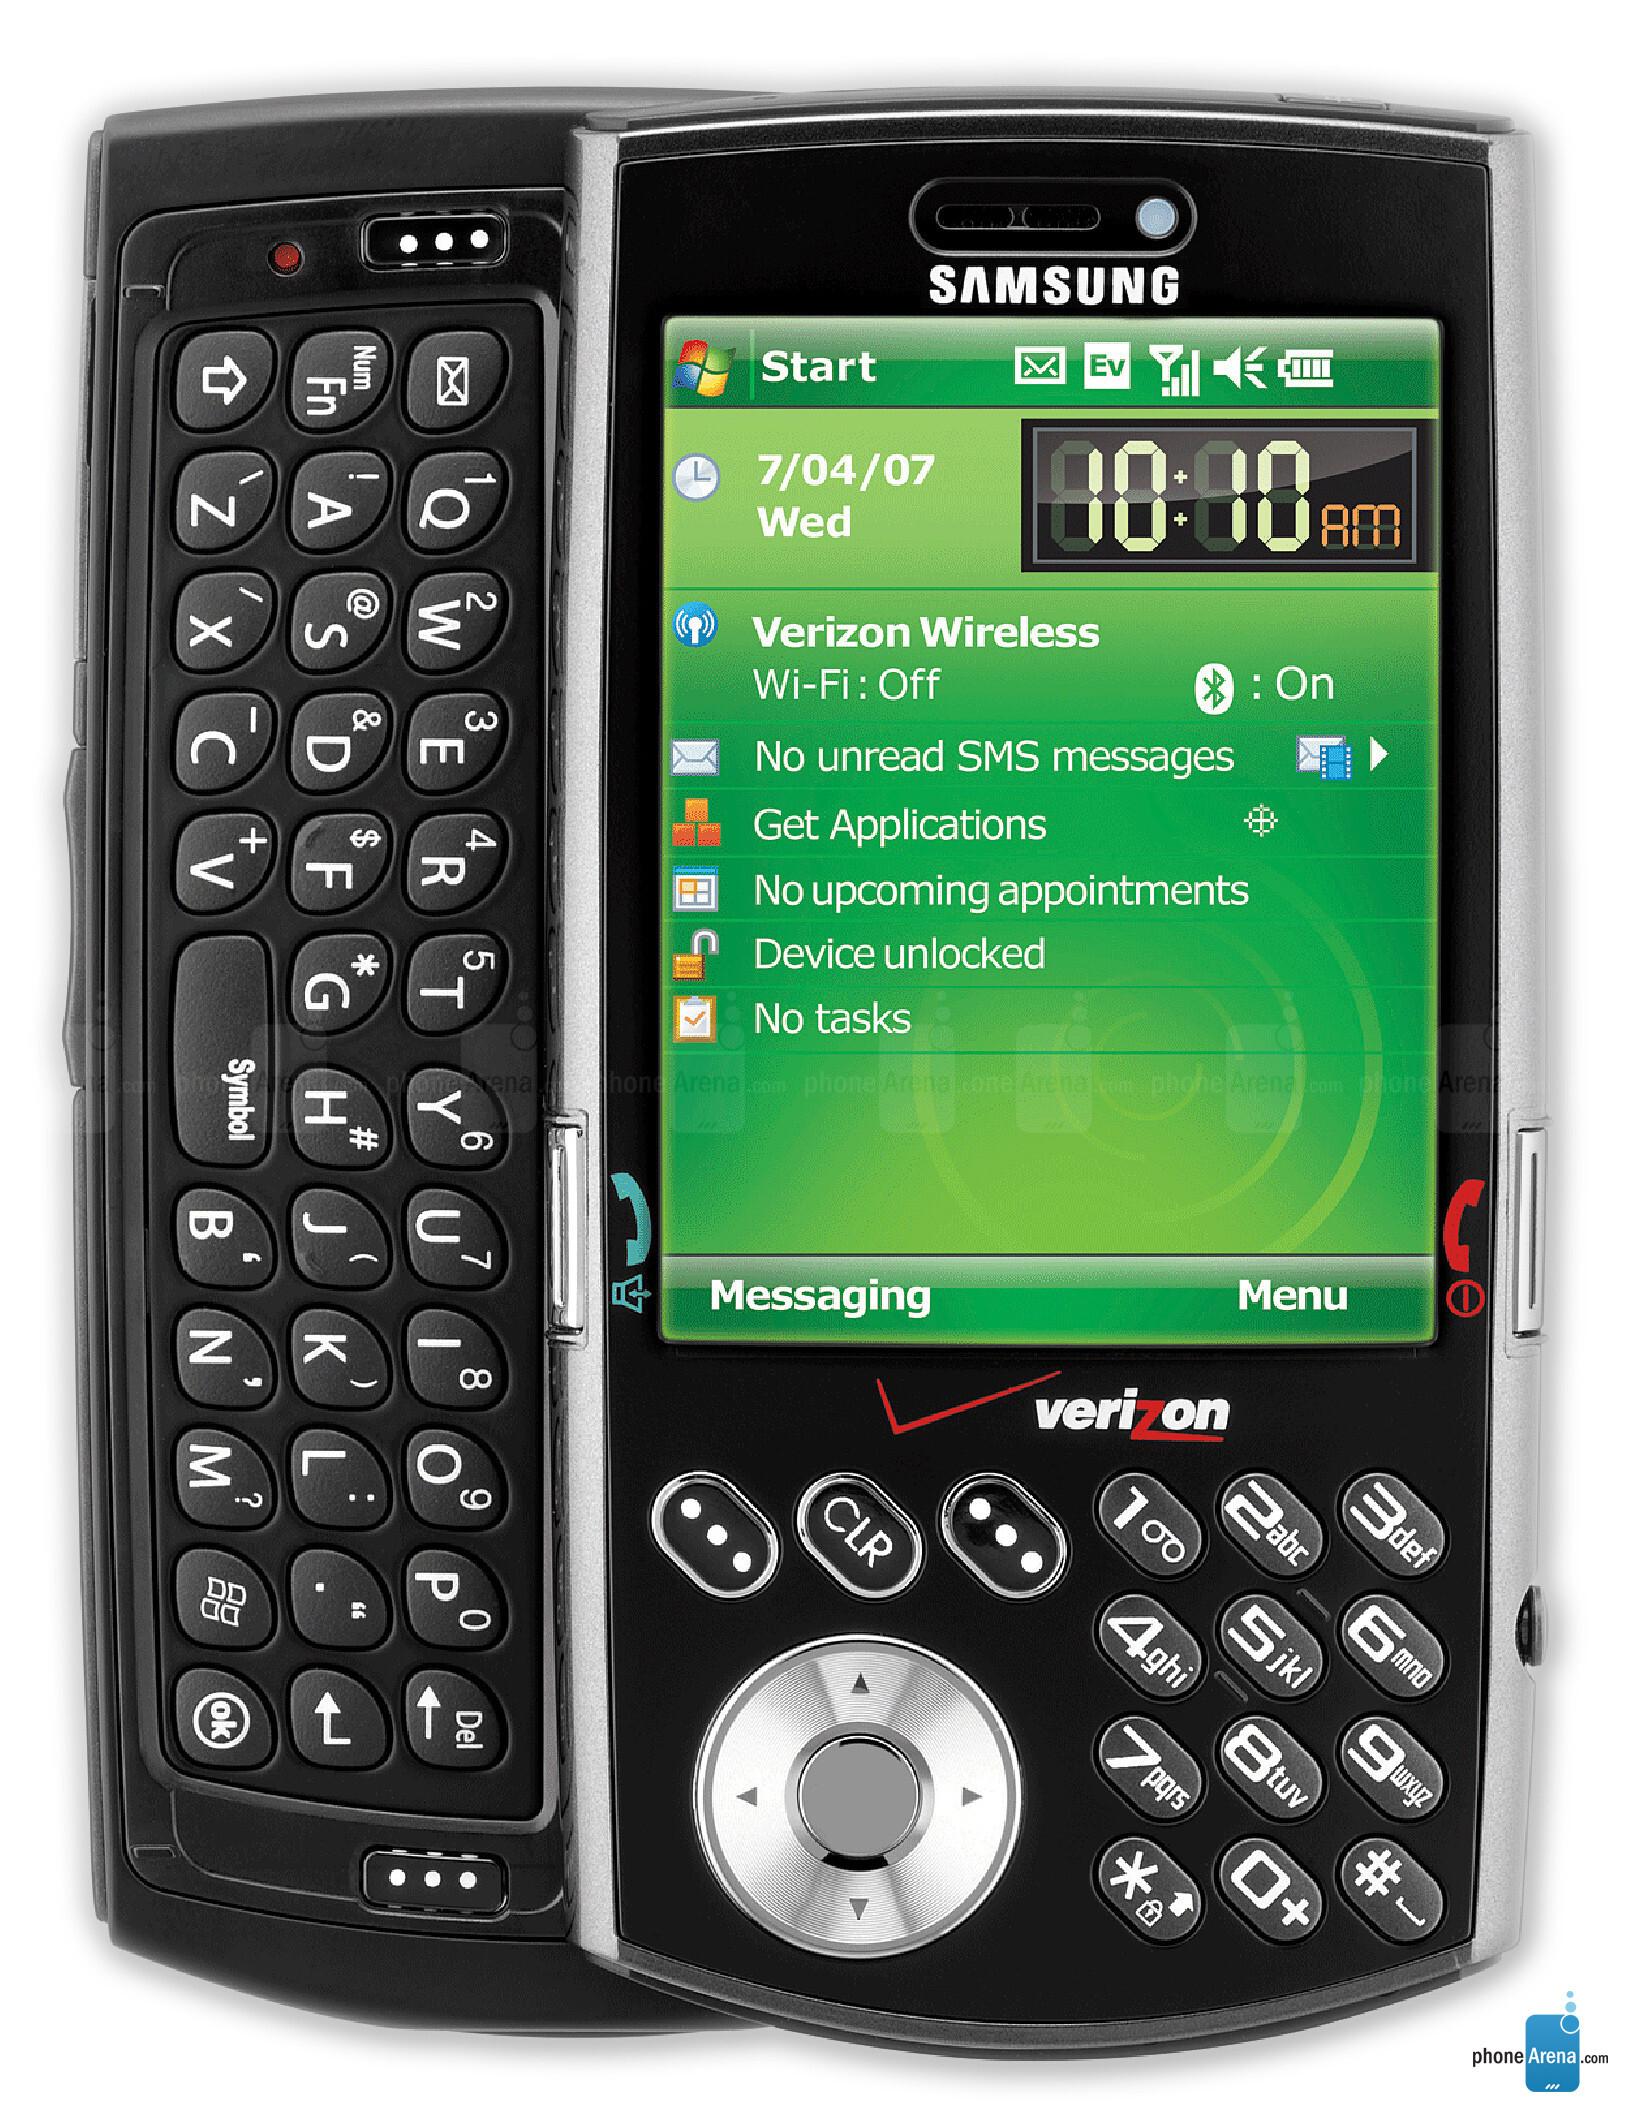 Samsung sch-i760 user manual pocket pc central.